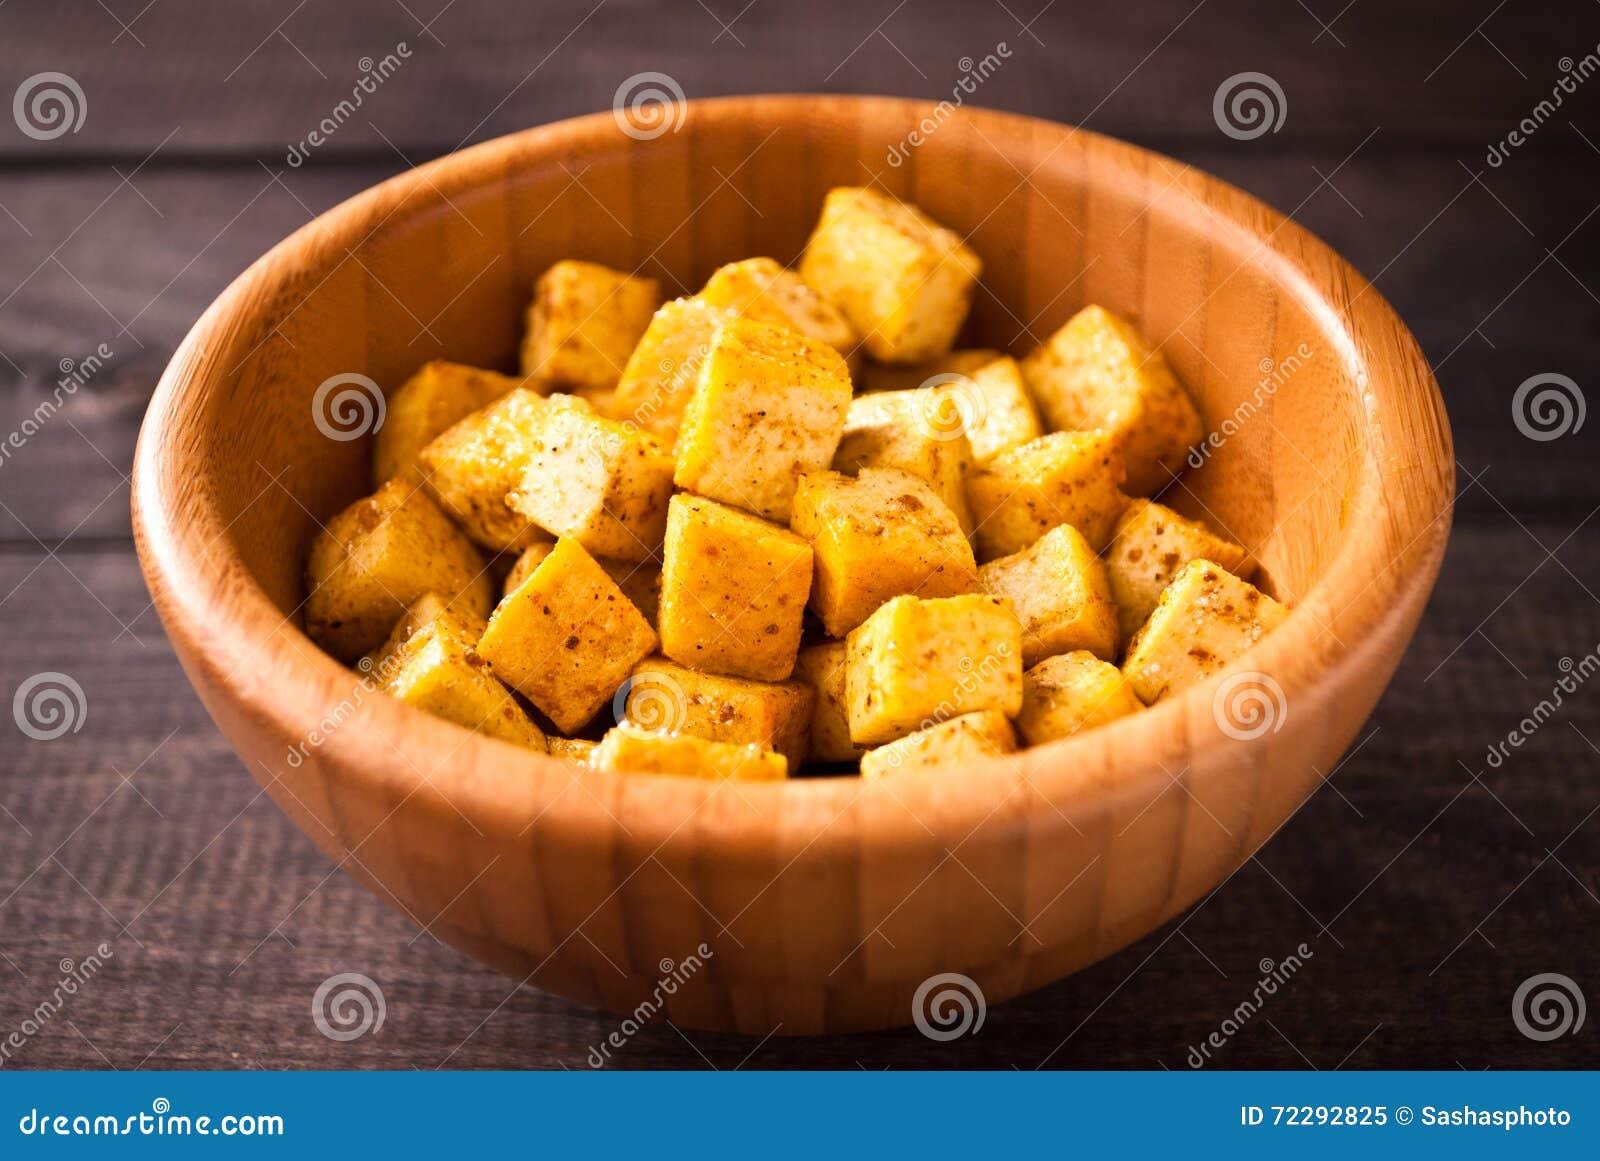 Download Кубы зажаренного тофу стоковое изображение. изображение насчитывающей backhoe - 72292825